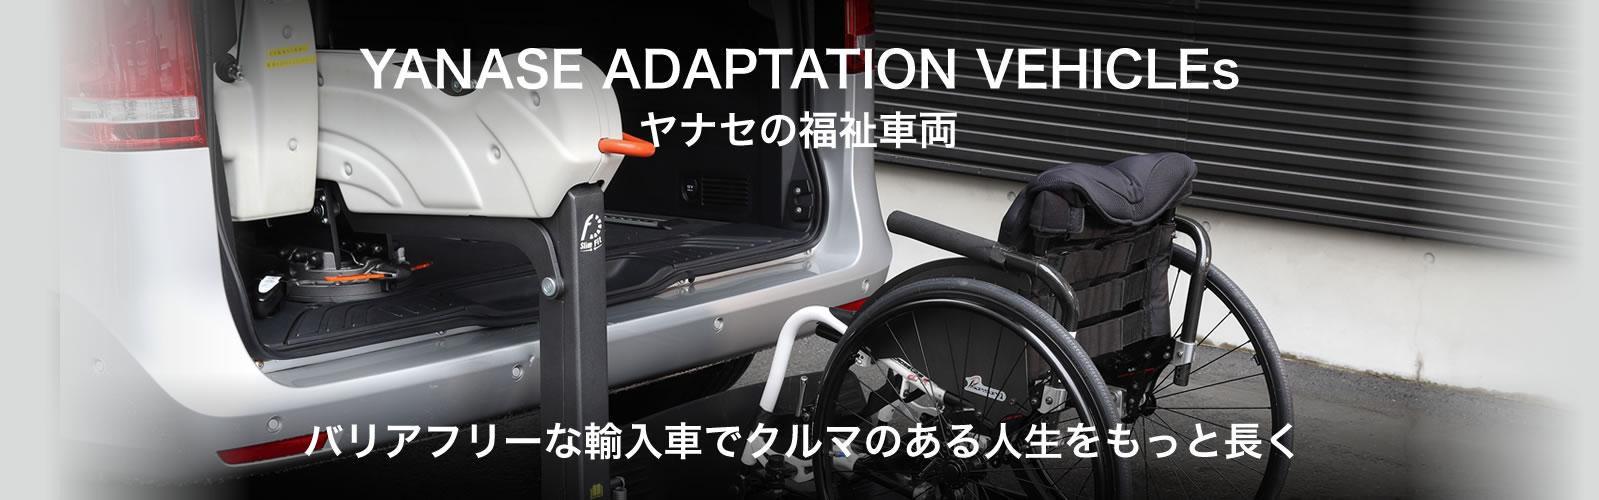 YANASE ADAPTATION VEHICLEs ヤナセの福祉車両 バリアフリーな輸入車でクルマのある人生をもっと長く